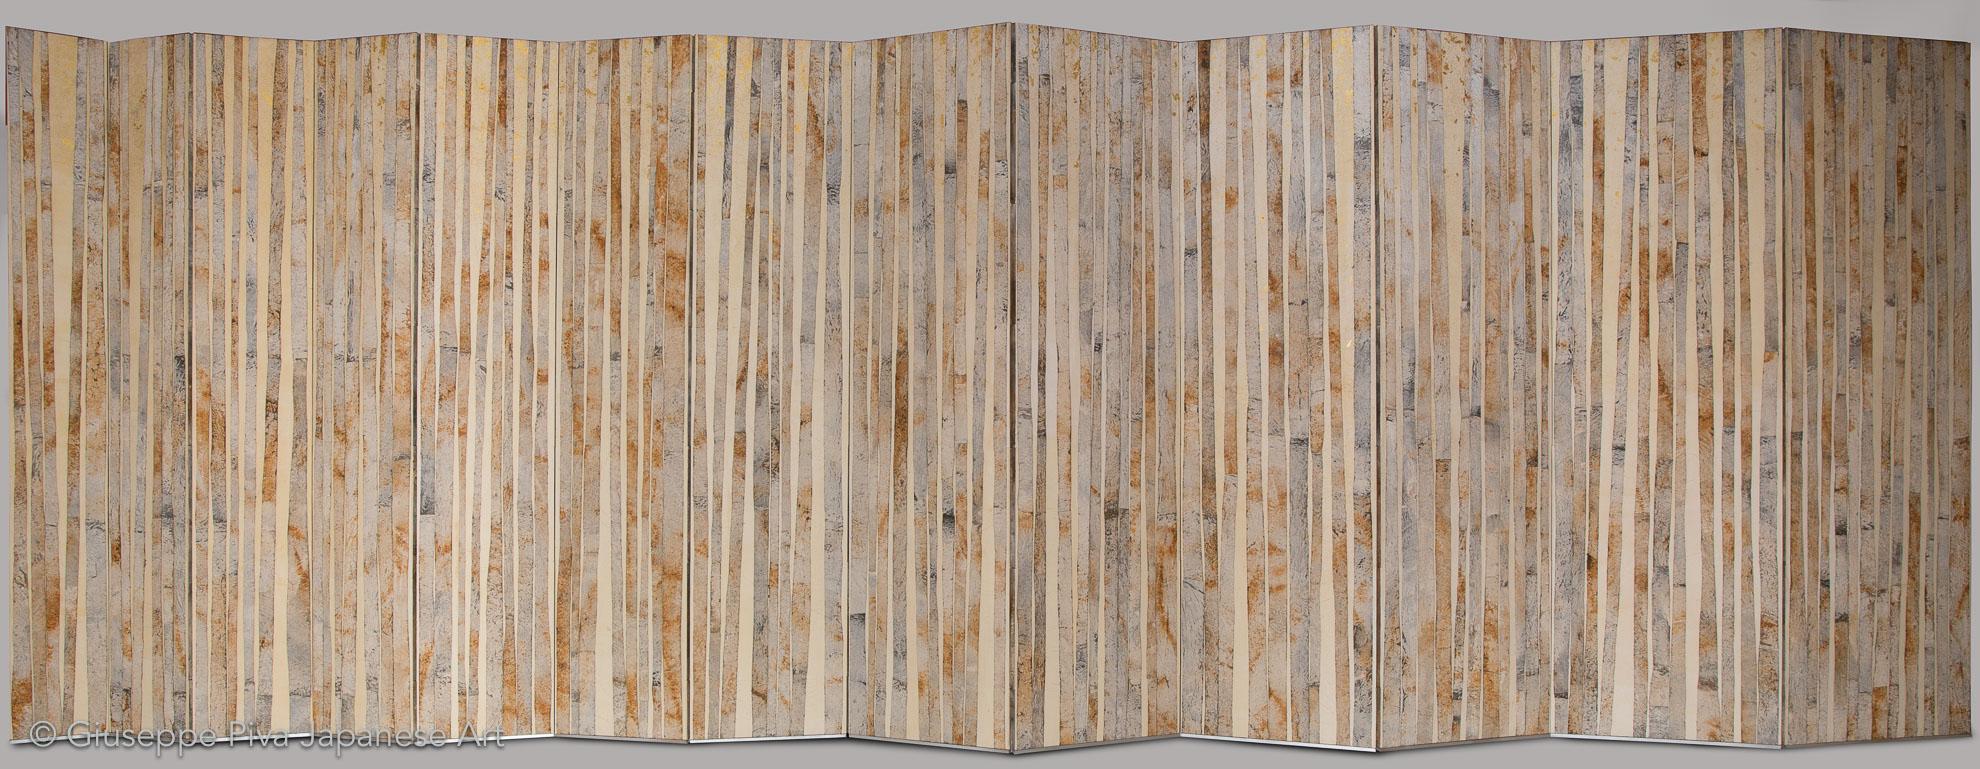 Composizione con bambù